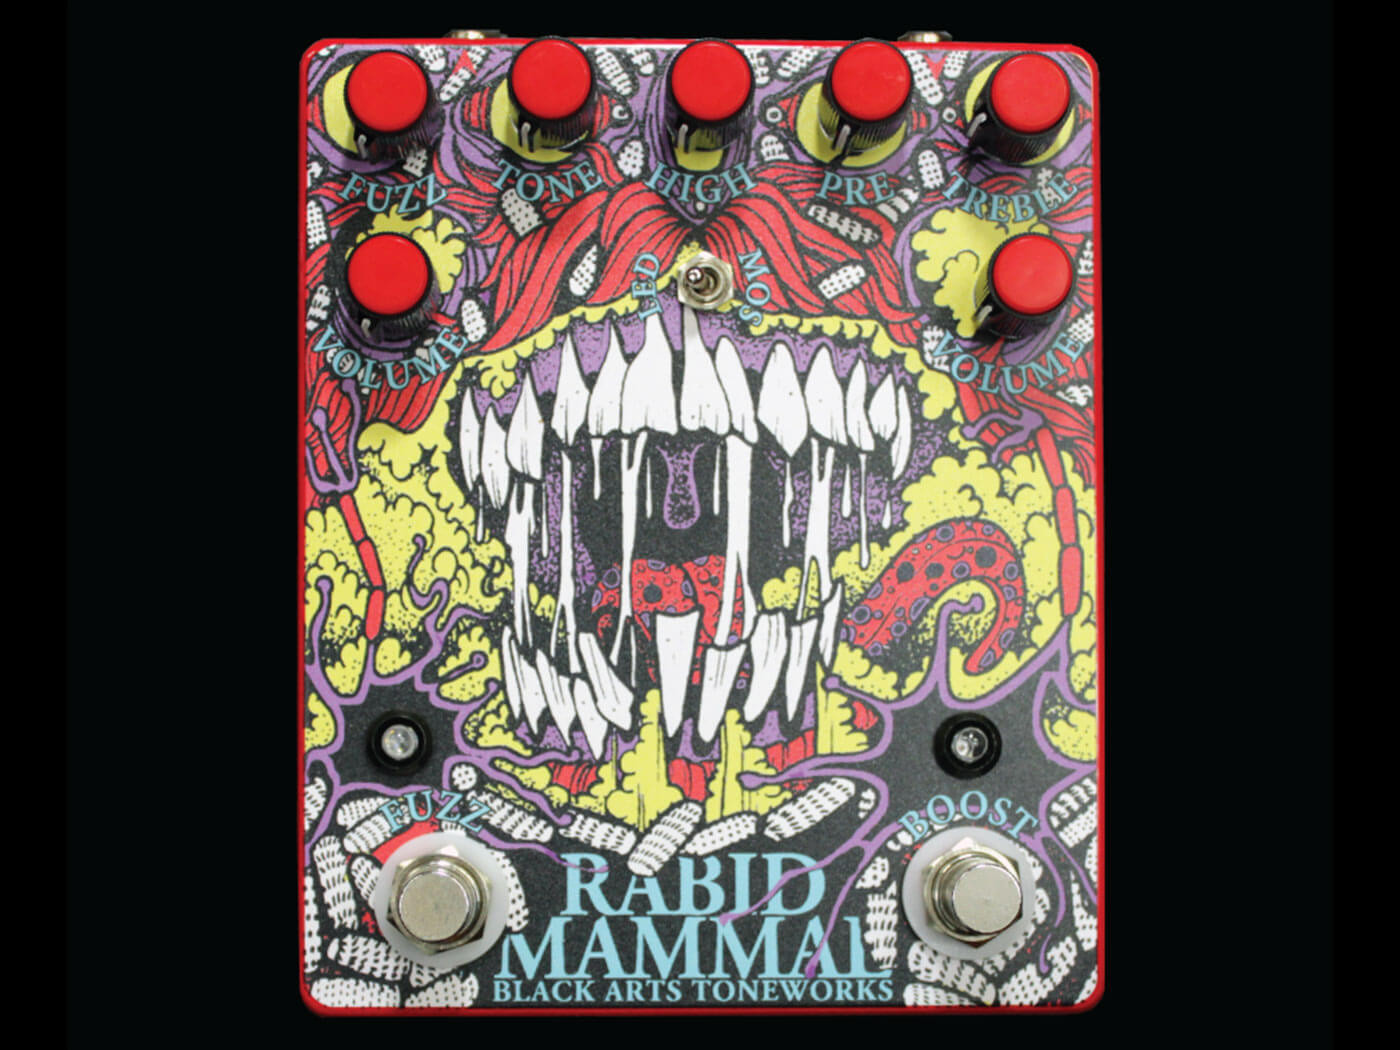 The Black Arts Toneworks x Matt Pike Rabid Mammal